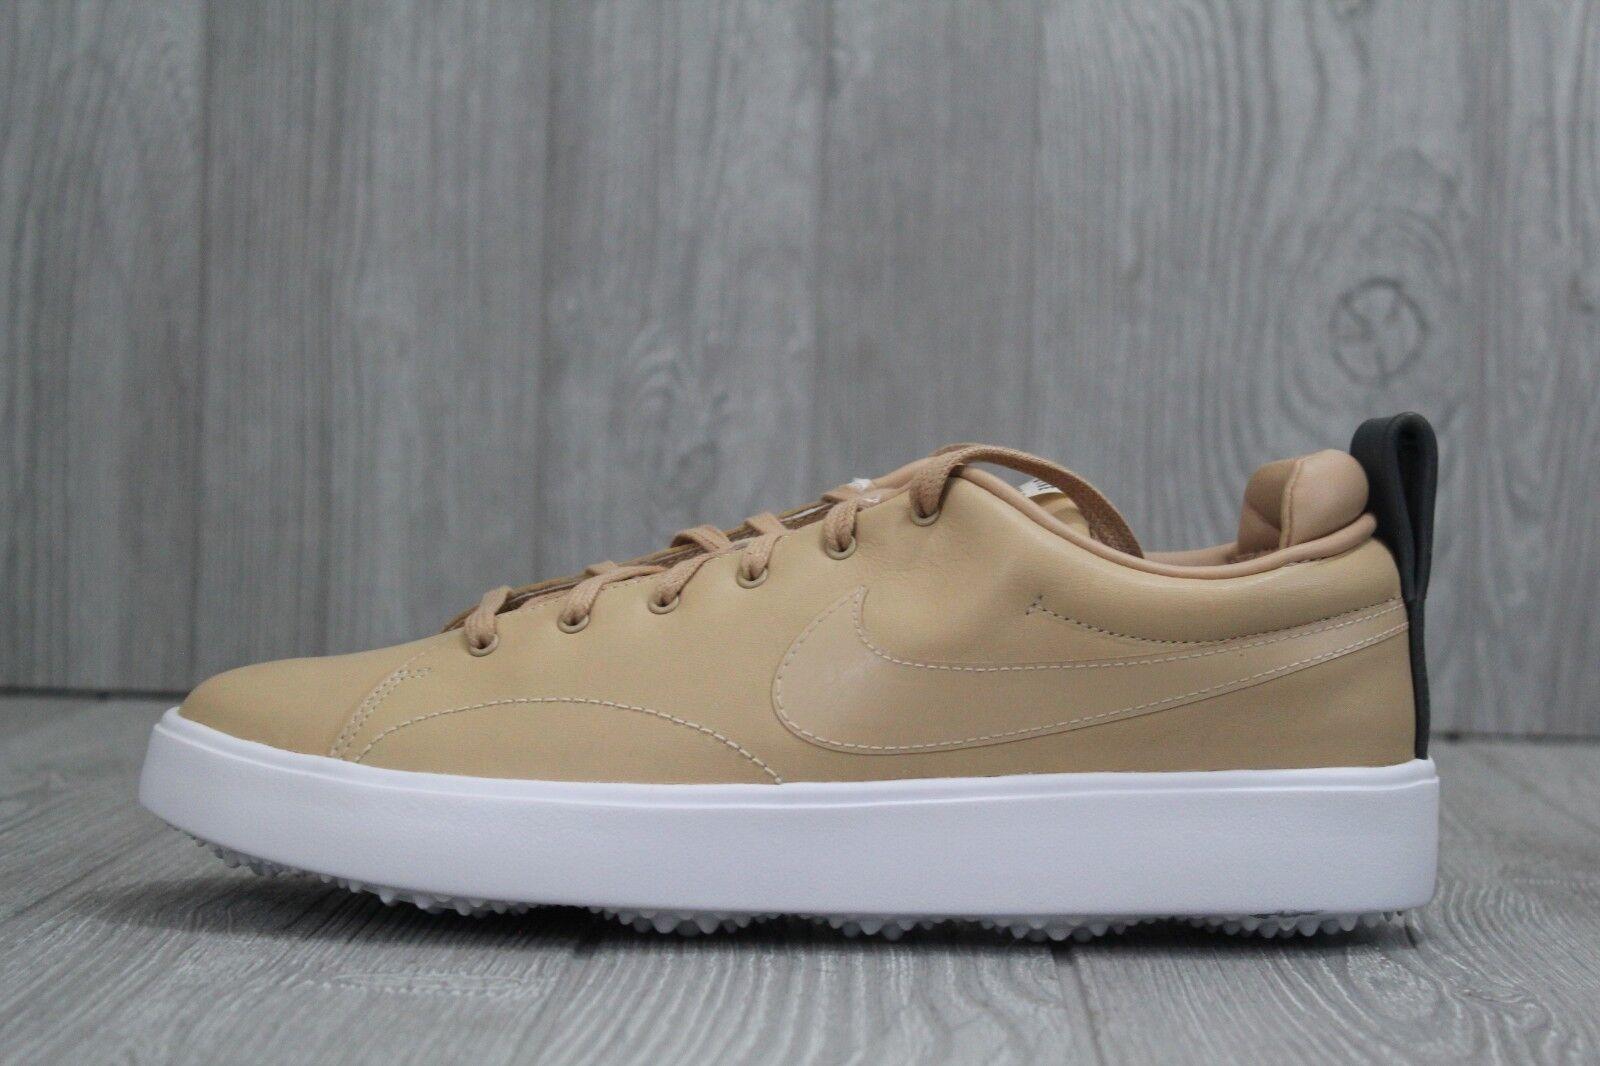 Nike da donna metcon 2 col lilla / viola dinastia 821913 500 sz - 10